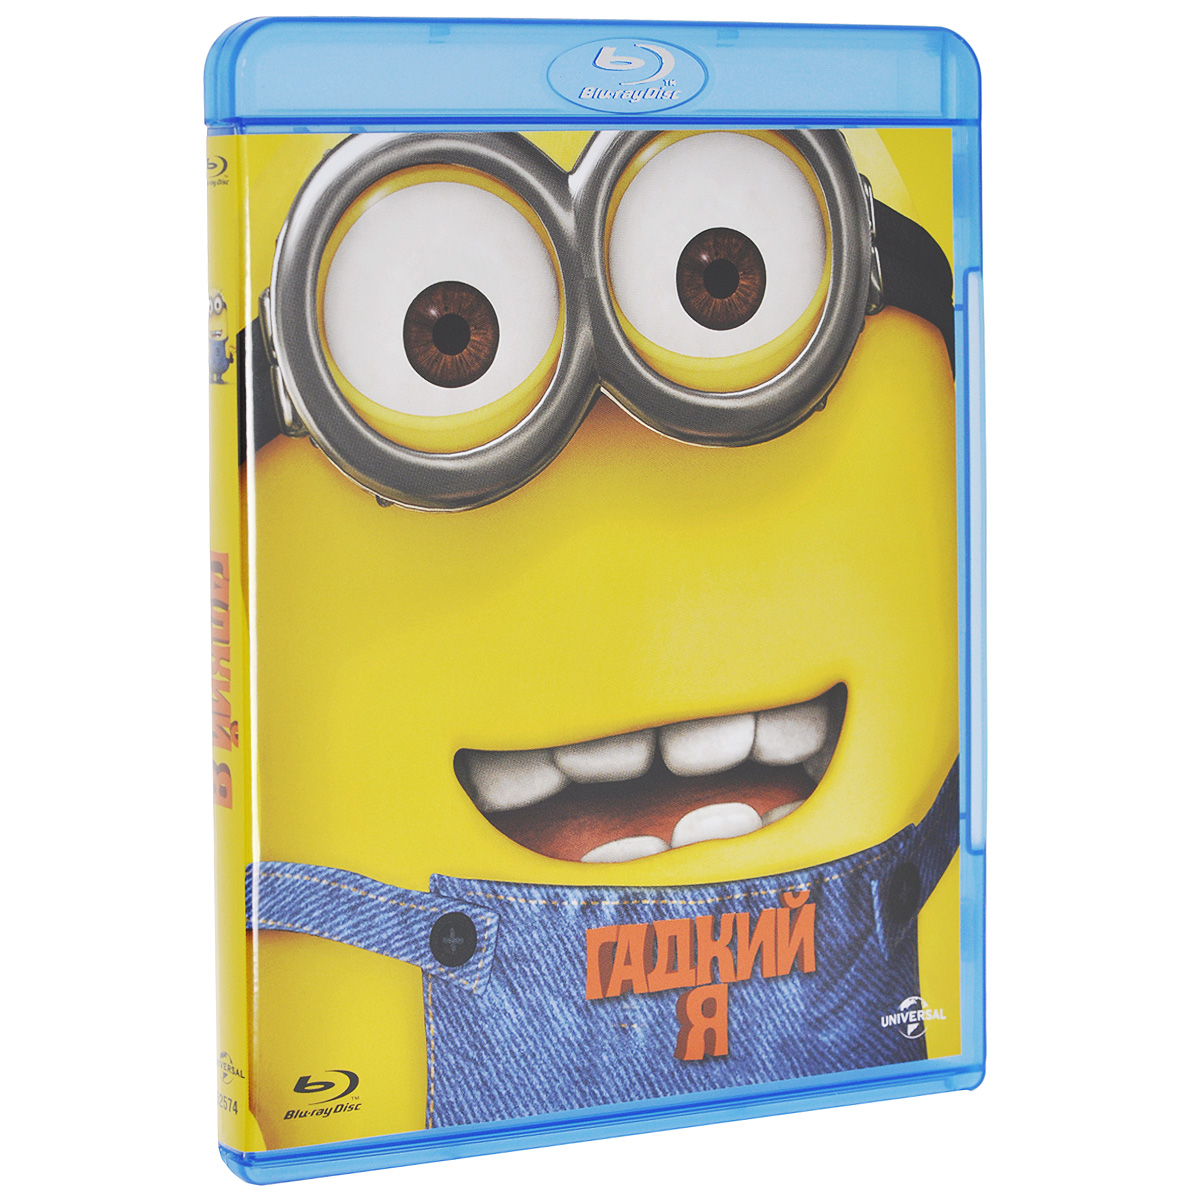 Гадкий Я (Blu-ray) гадкий я 2 3d blu ray